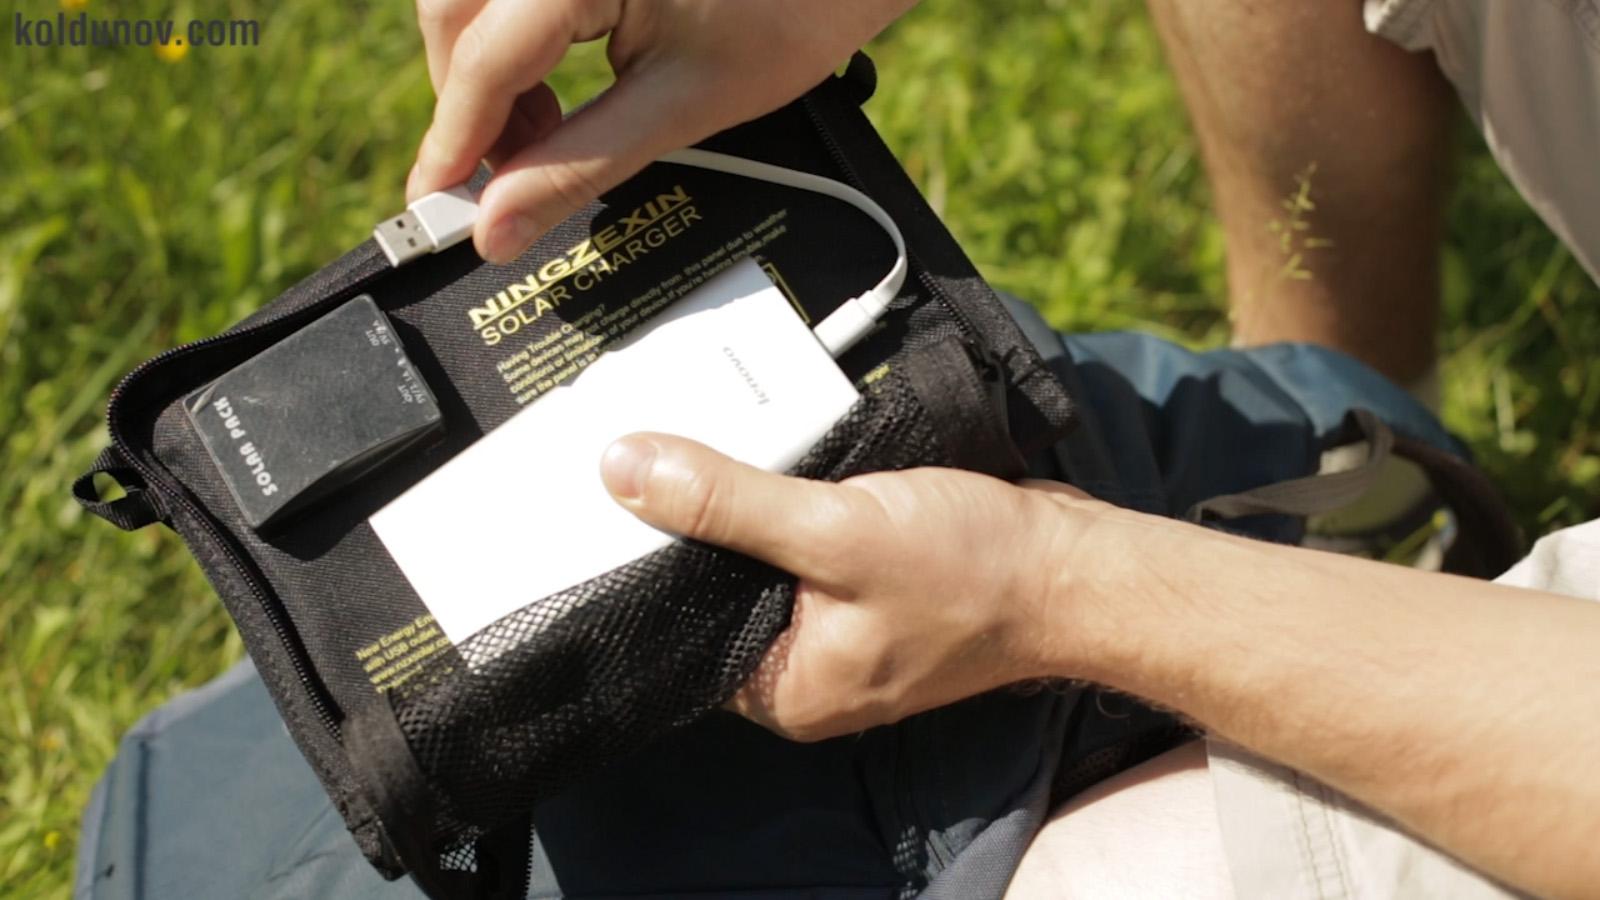 Как заряжать фотокамеру в походных условиях